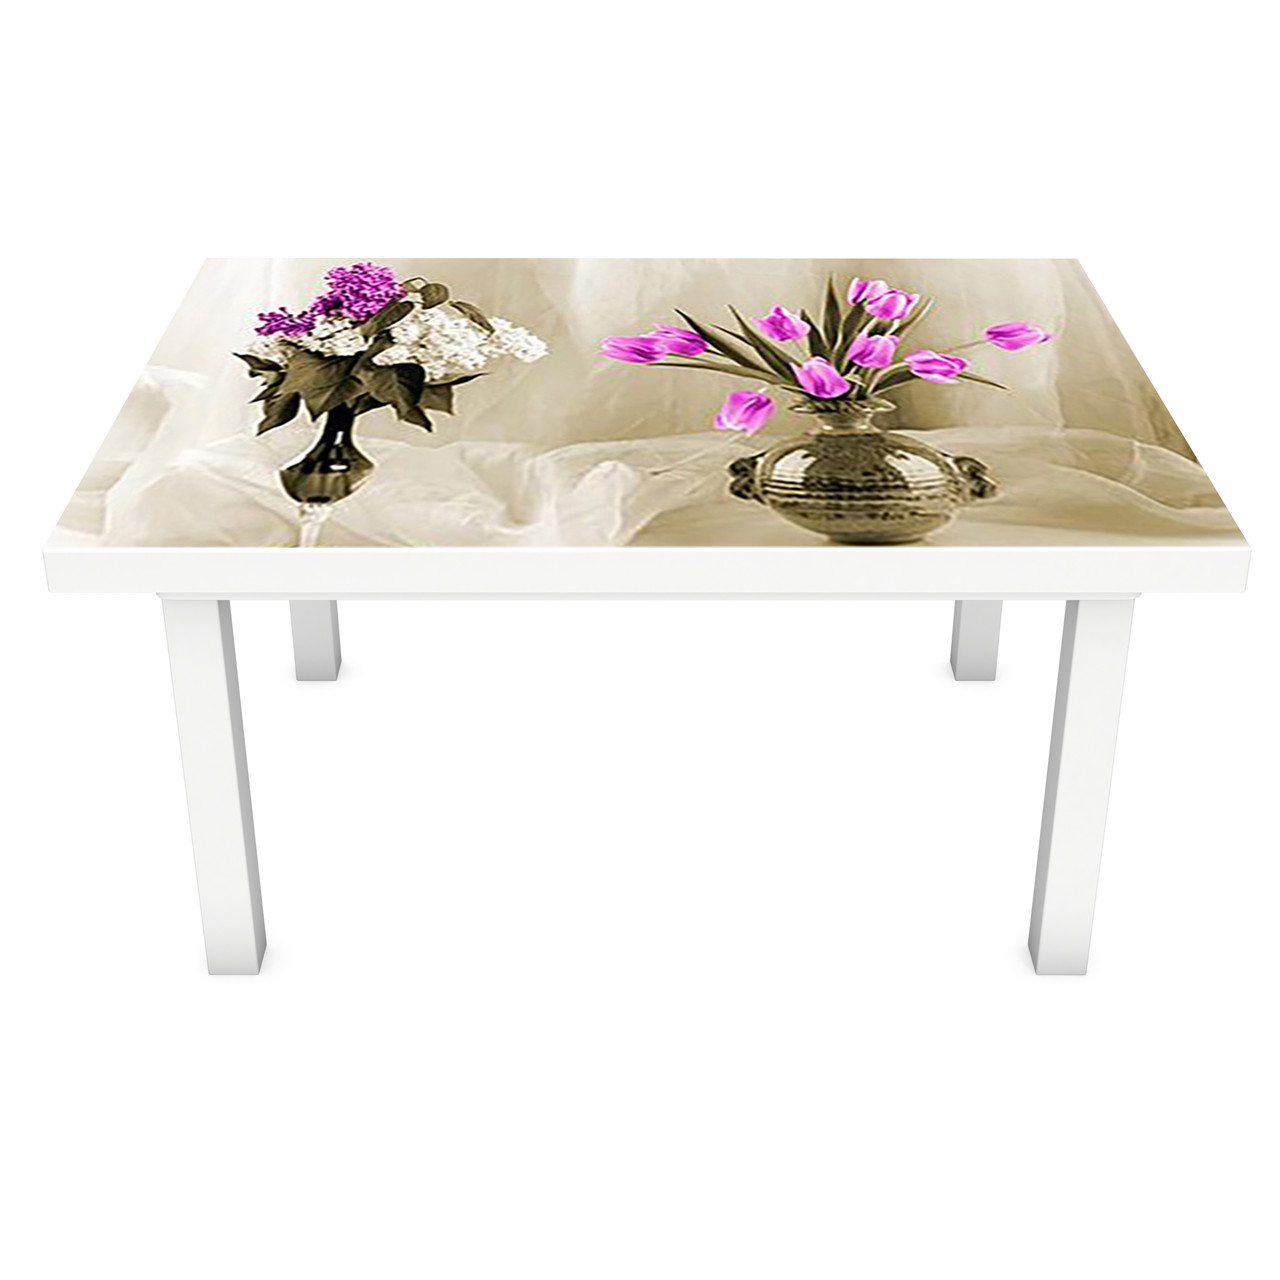 Виниловая наклейка на стол Тюльпаны и Сирень (интерьерная ПВХ пленка для мебели) цветы в вазе вуаль Бежевый 600*1200 мм